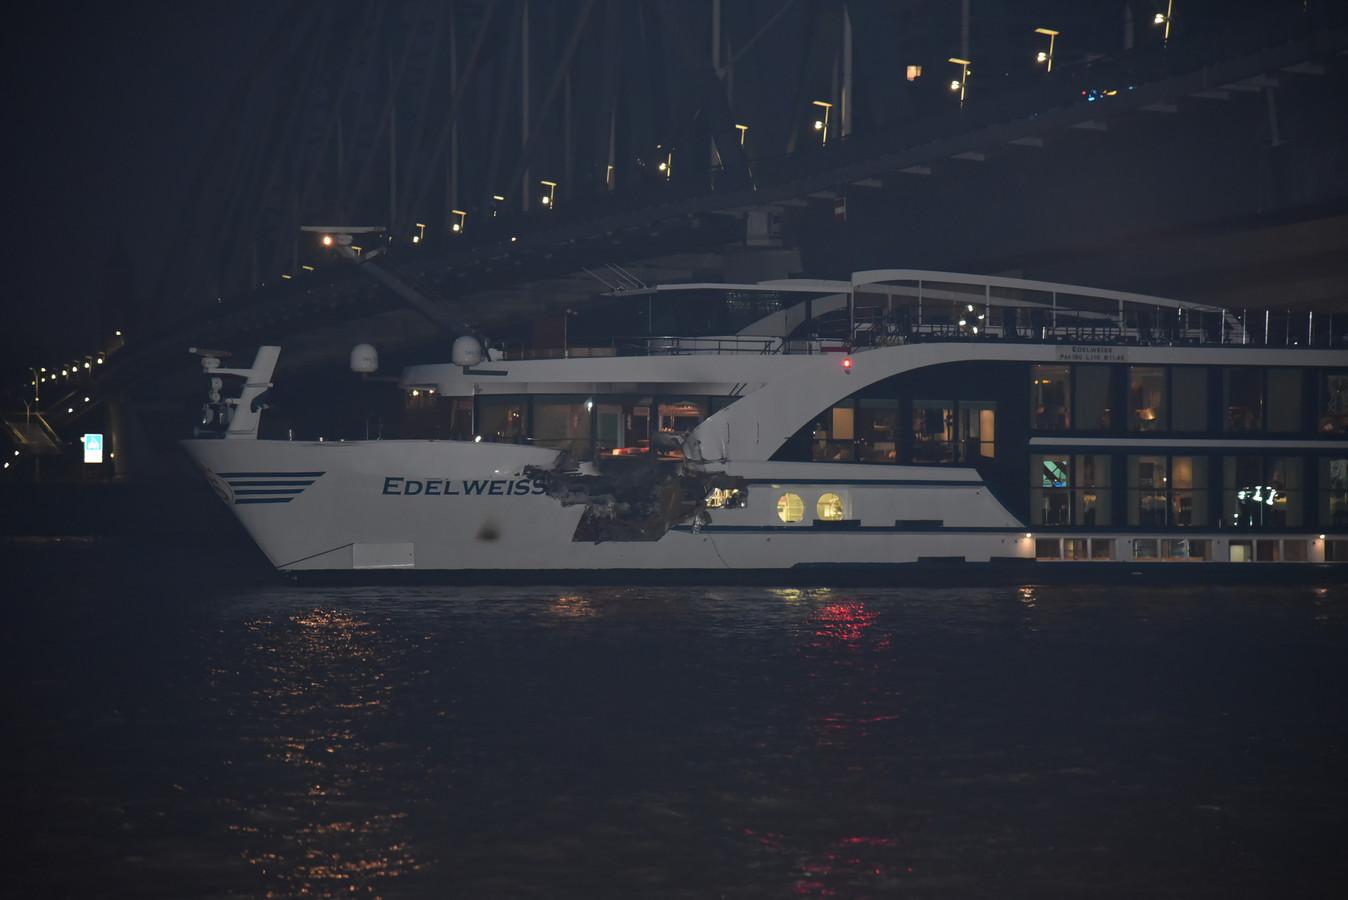 Er zit een gat in de romp van het passagiersschip na de botsing op de Waal bij Nijmegen.